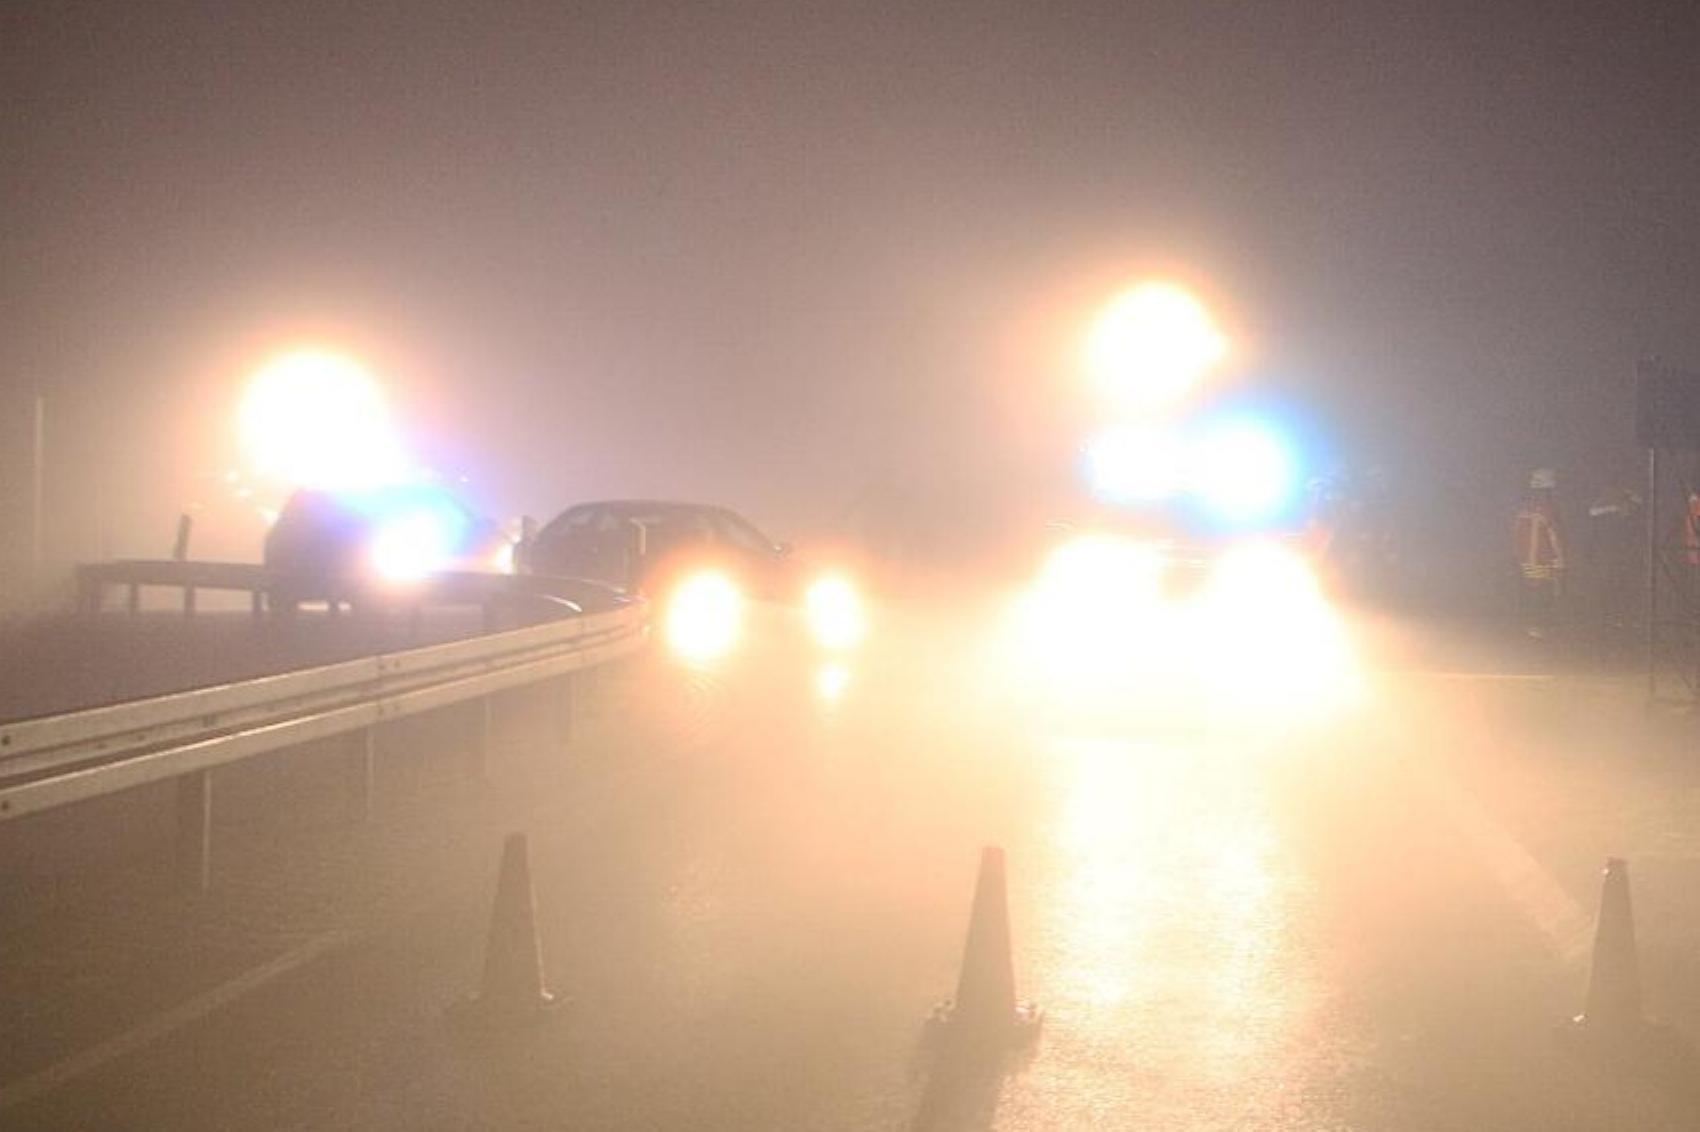 Nebel Unfall